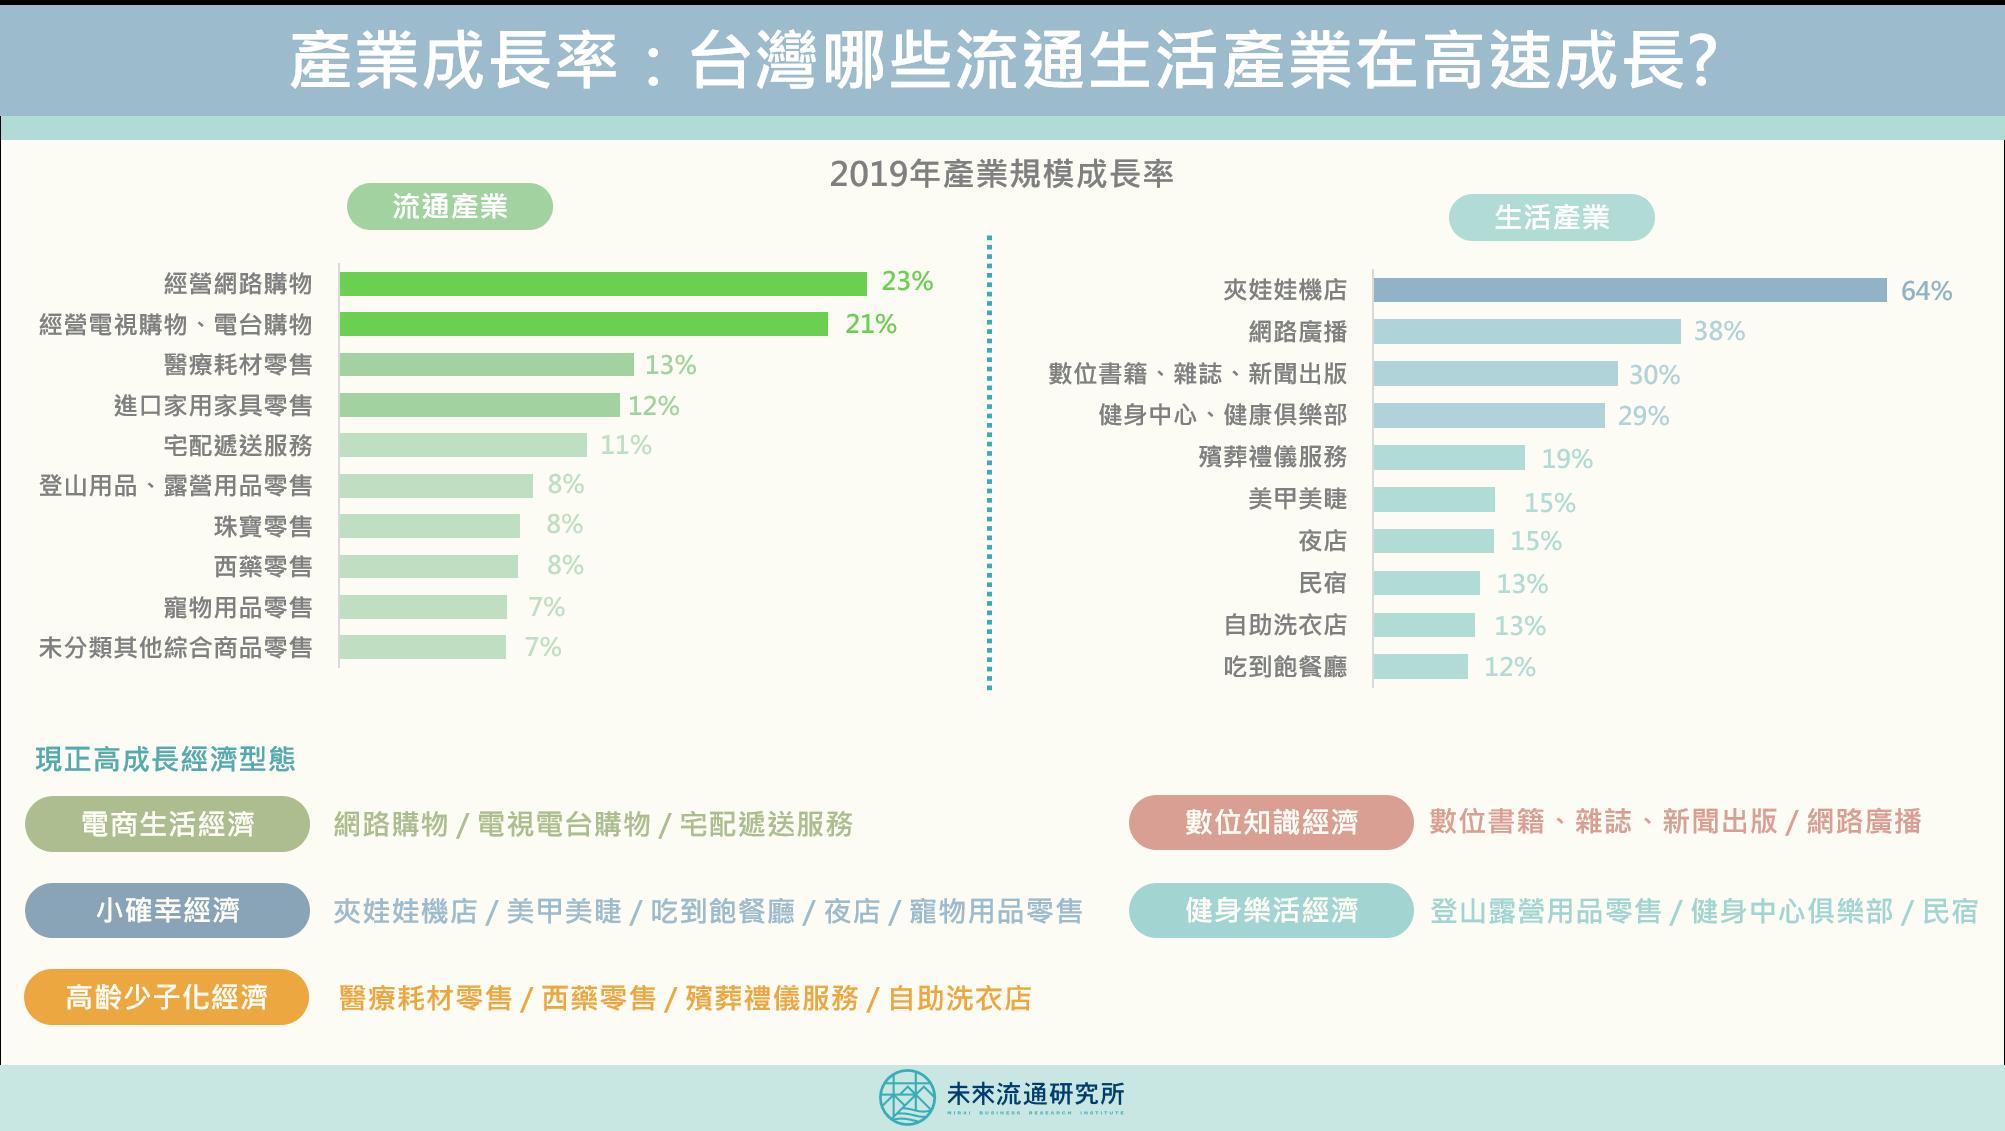 2020【商業數據圖解】產業成長率:台灣那些流通生活產業在高速成長?